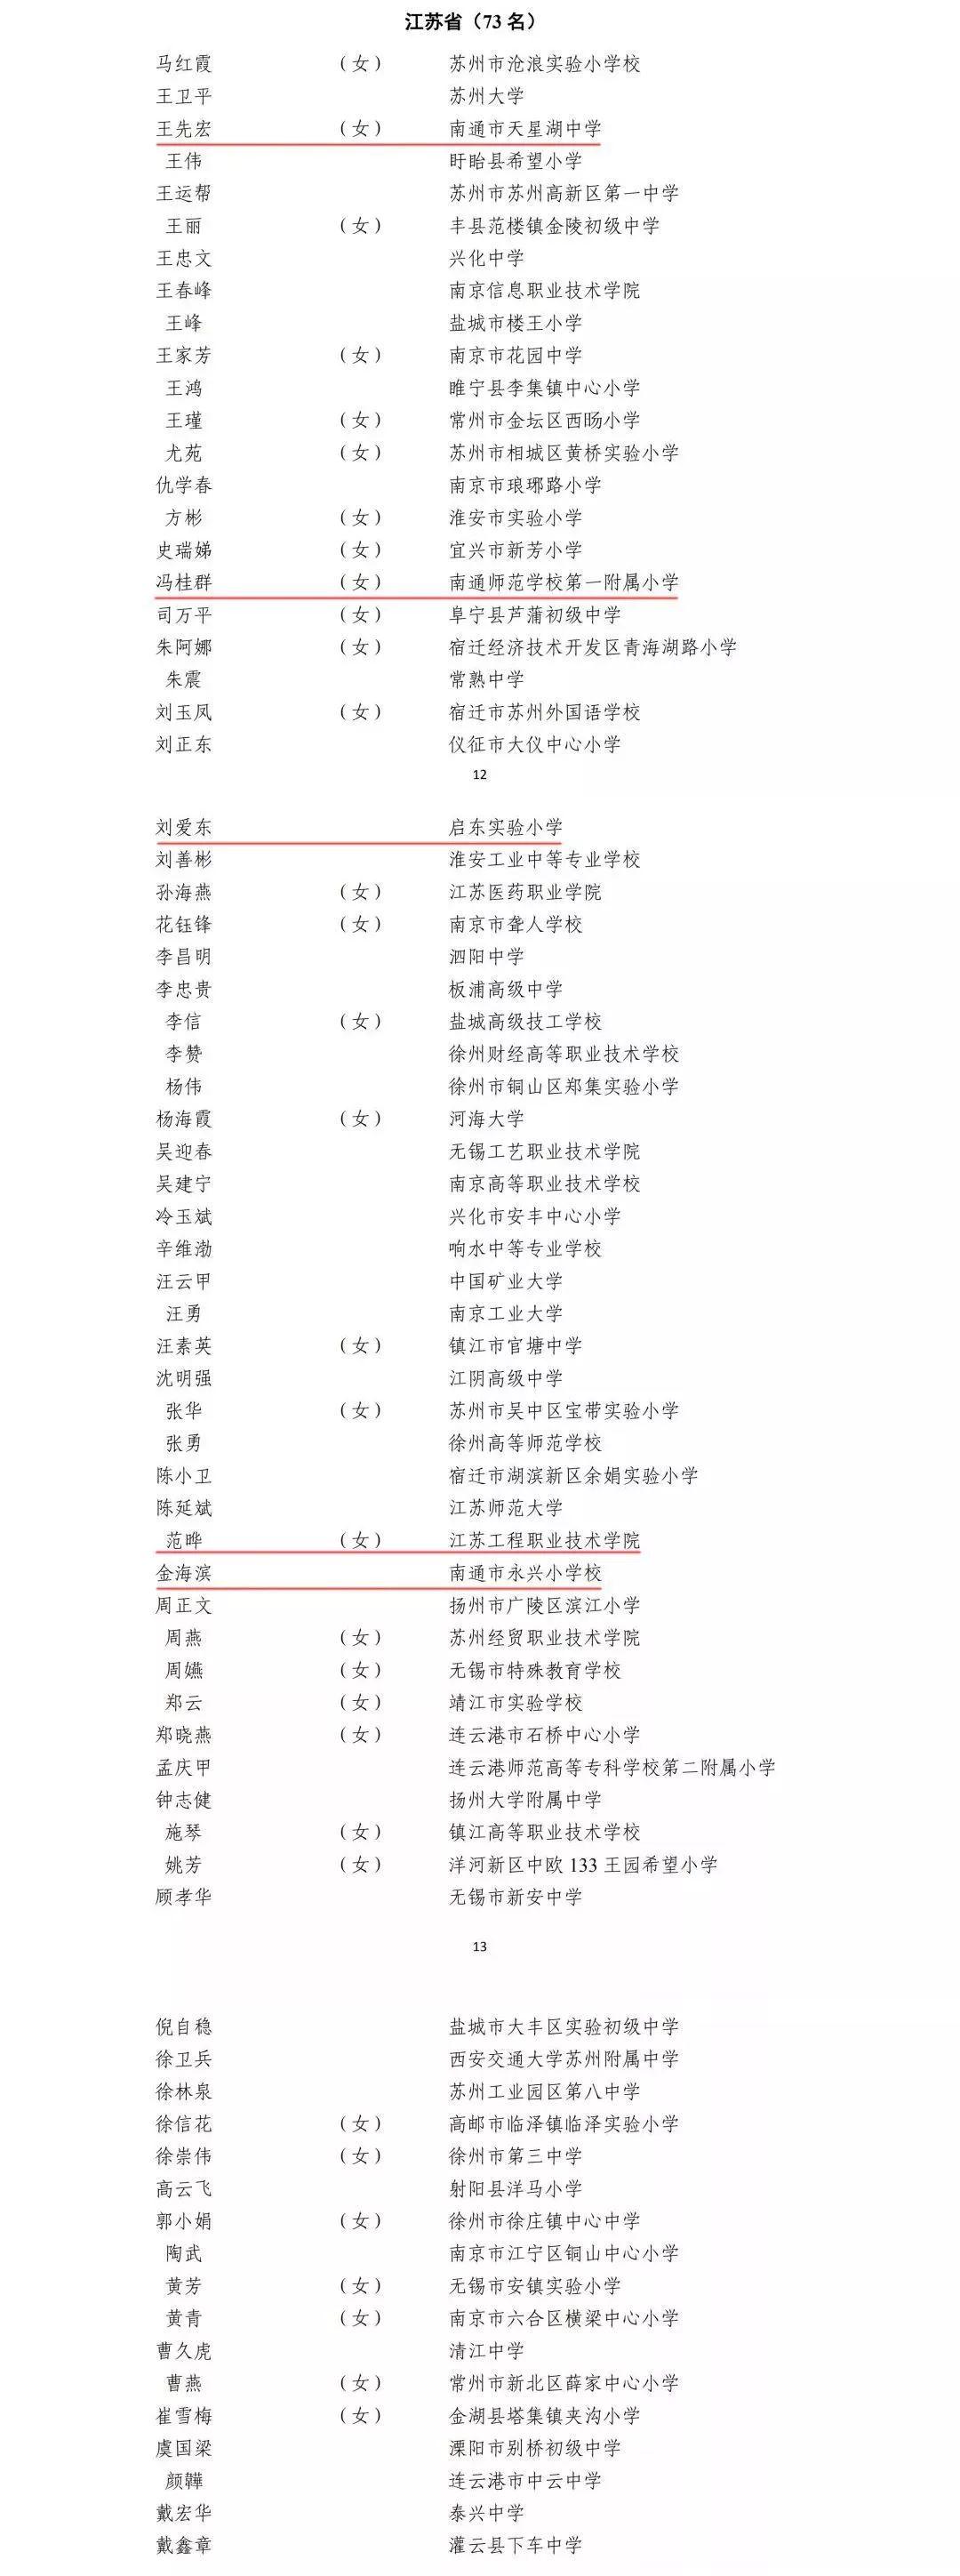 如皋市丁堰镇刘海小学 全国优秀教师拟表彰对象  (南通)  王先宏(女)图片